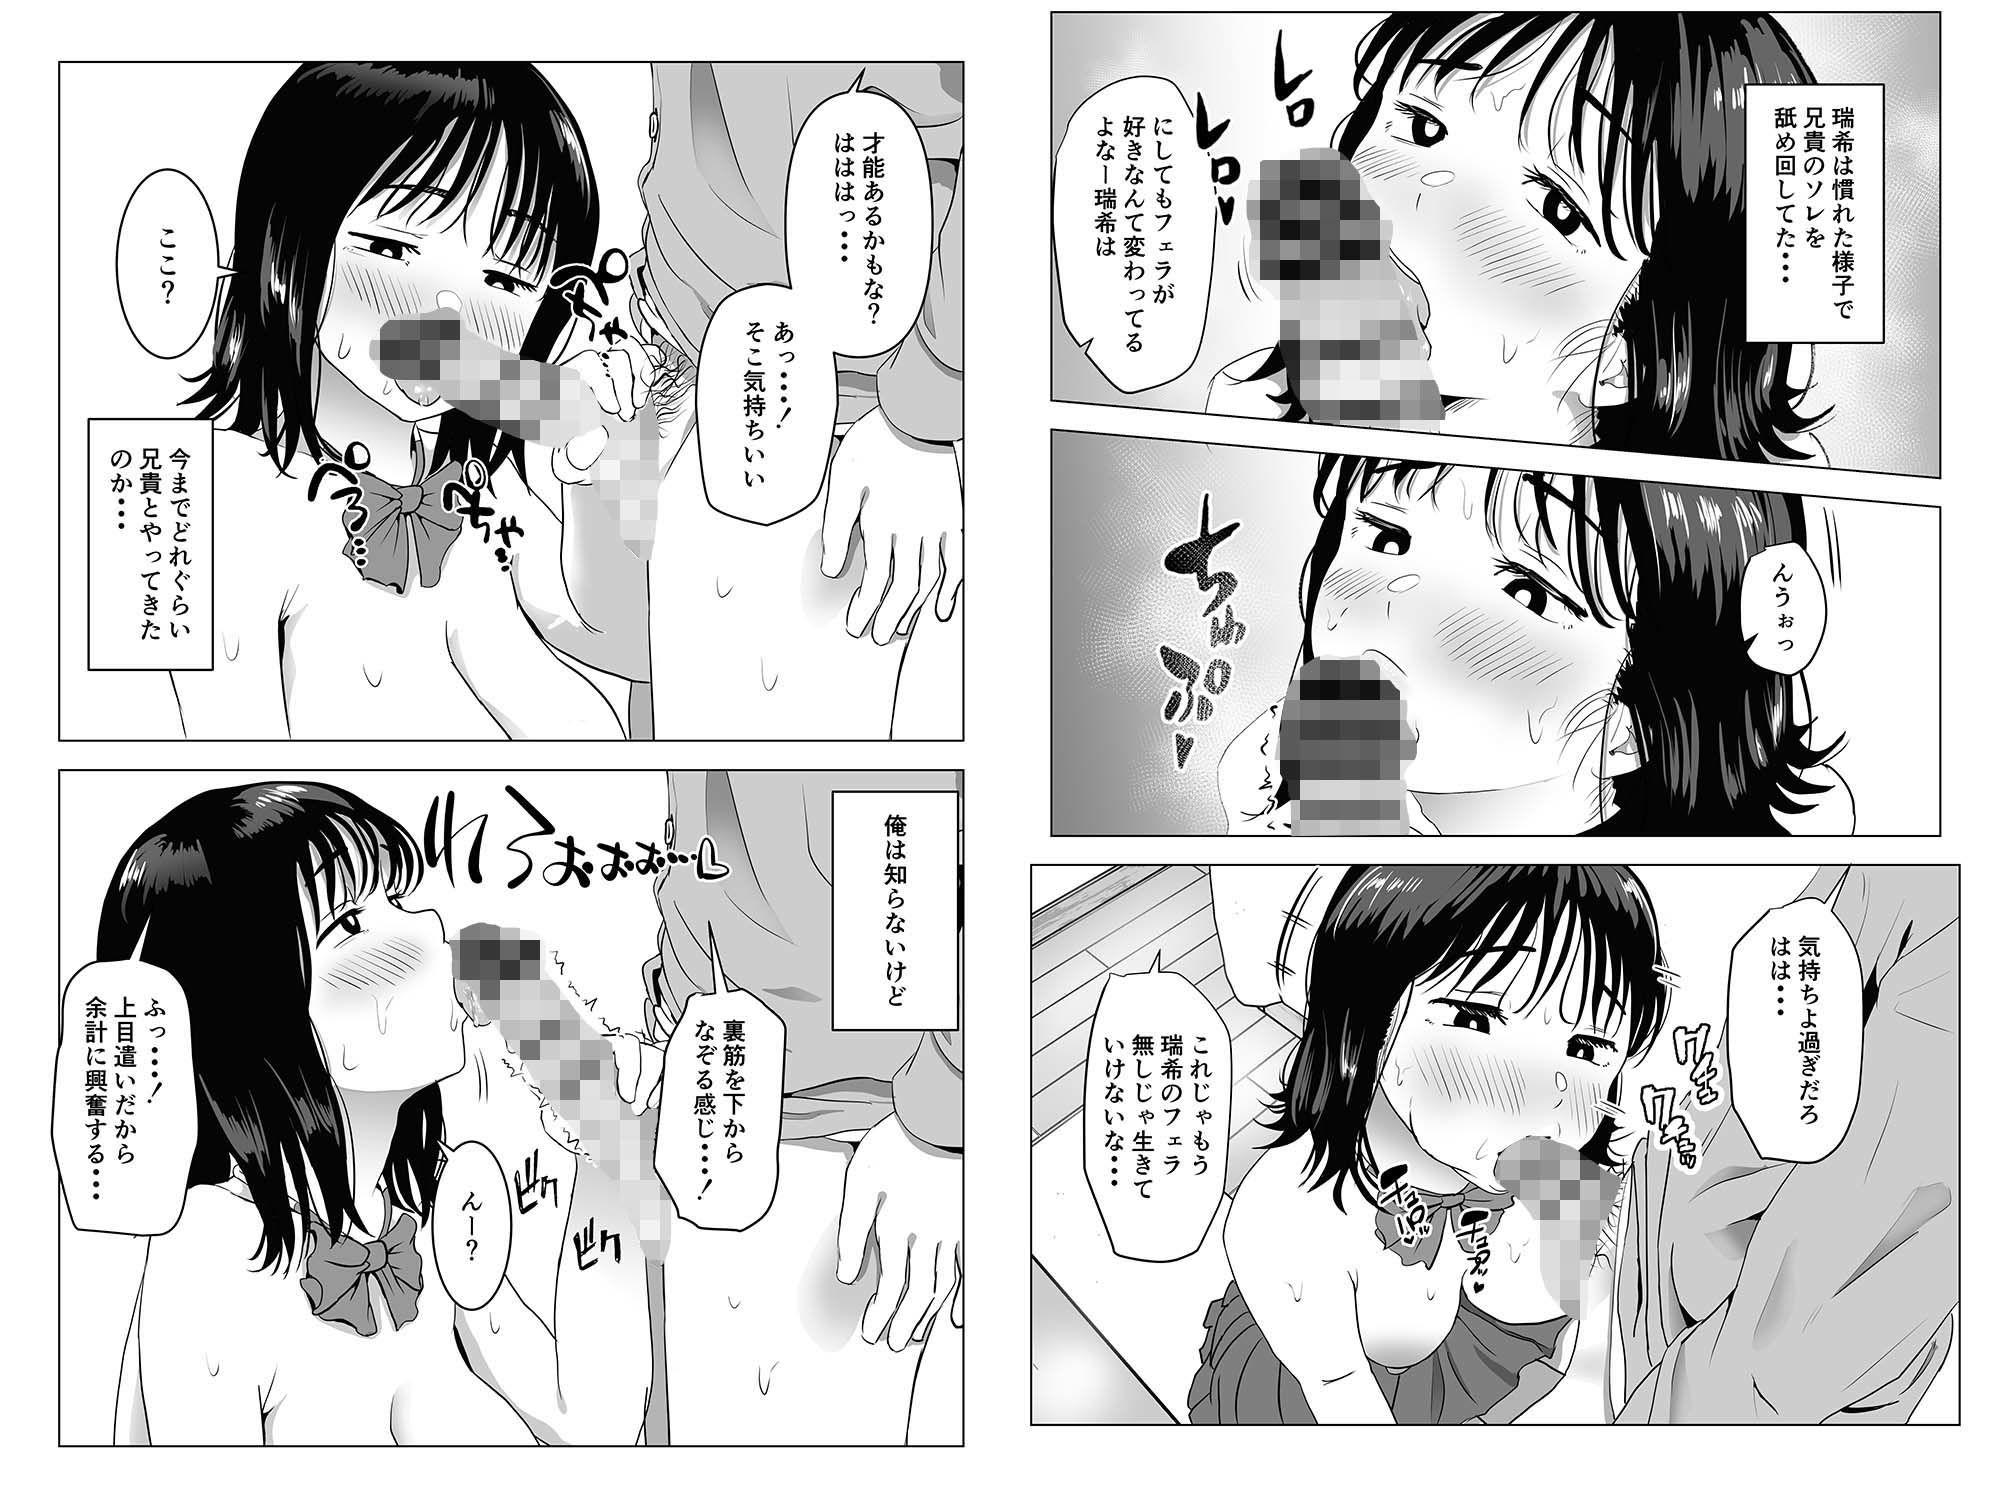 【エロ漫画】俺の巨乳幼馴染が兄貴と最近怪しい関係で‥「サークル:もちち丸」【同人誌・コミック】#8